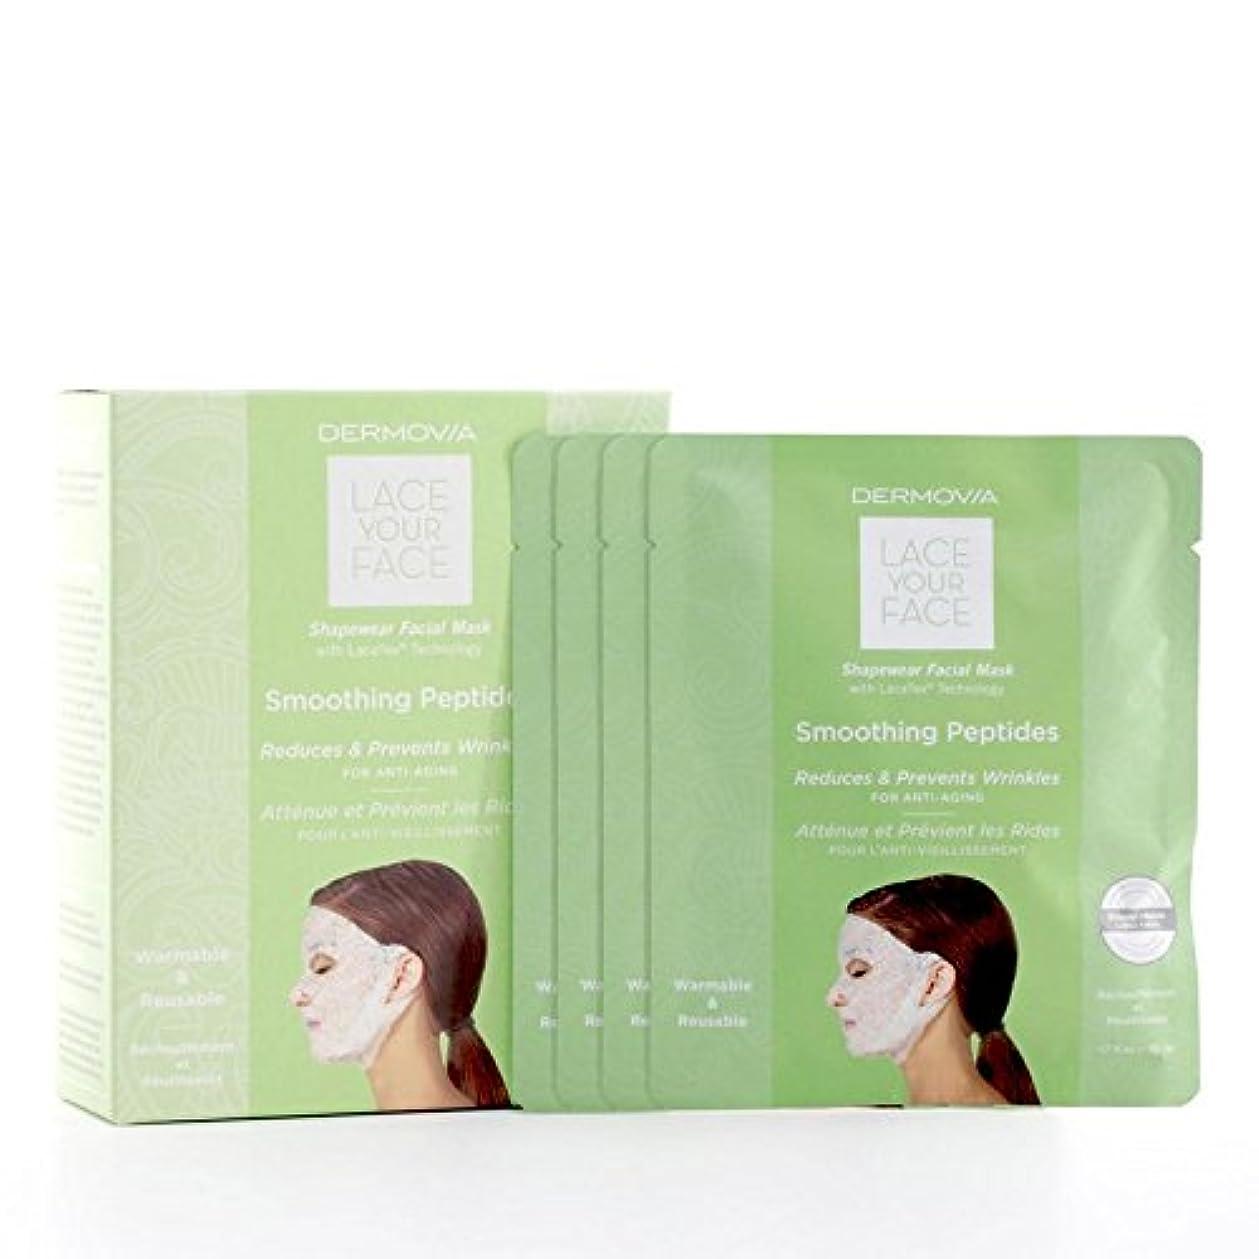 乳第五協会は、あなたの顔の圧縮フェイシャルマスク平滑化ペプチドをひもで締めます x2 - Dermovia Lace Your Face Compression Facial Mask Smoothing Peptides (Pack of 2) [並行輸入品]